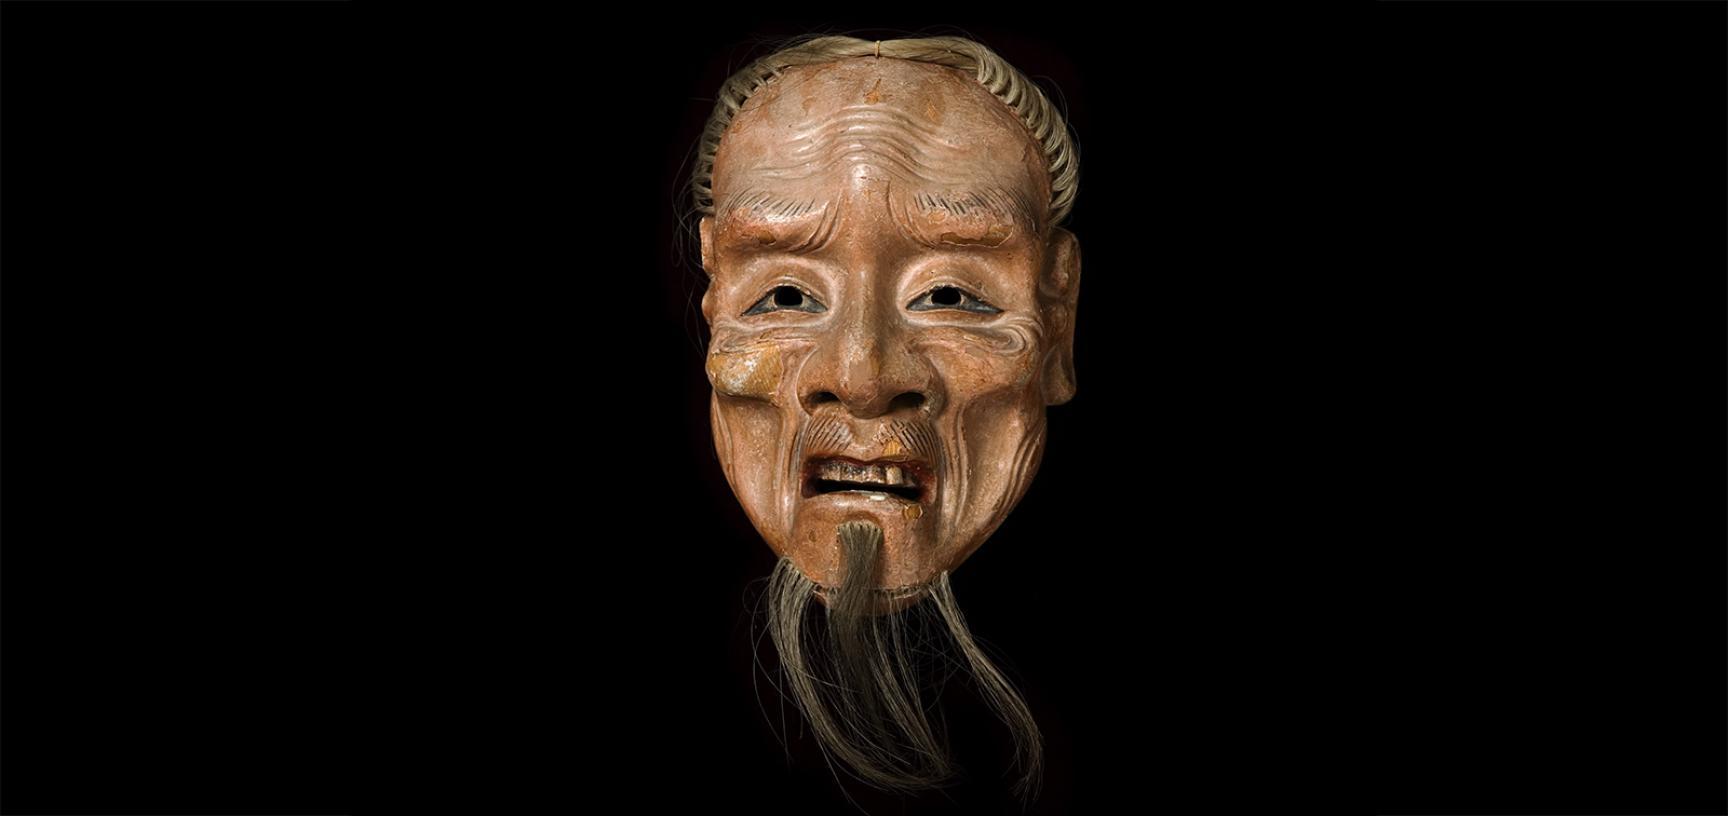 Mask (1884.114.24) after conservation